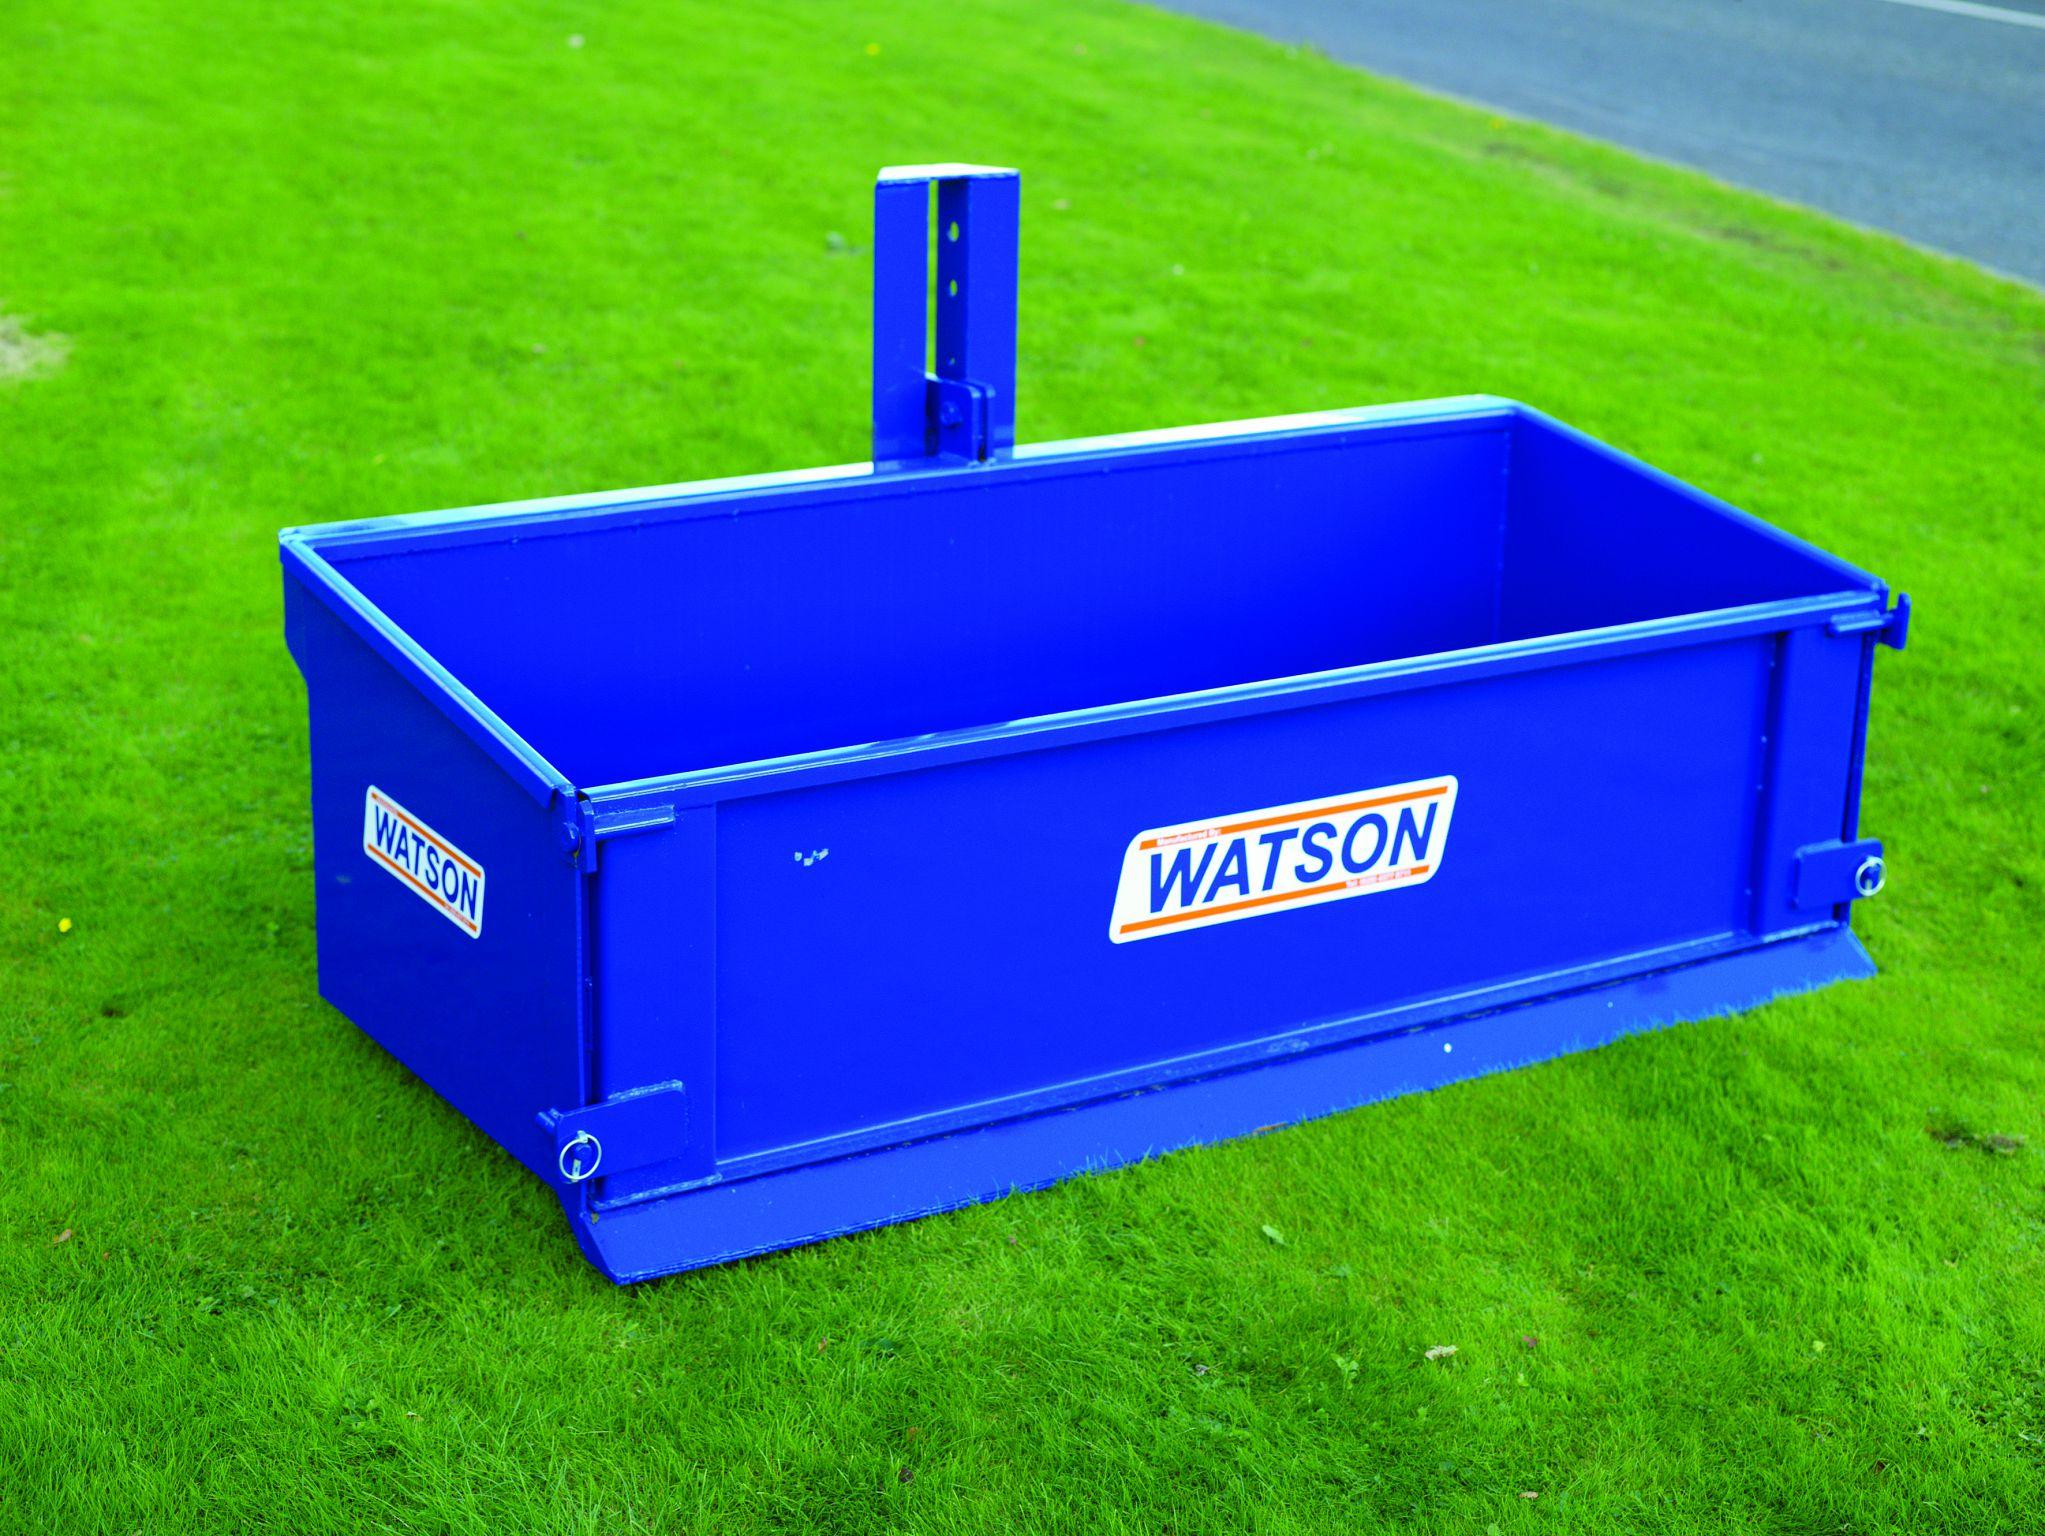 Walter Watson 5ft Heavy Duty Tipping Transport Box